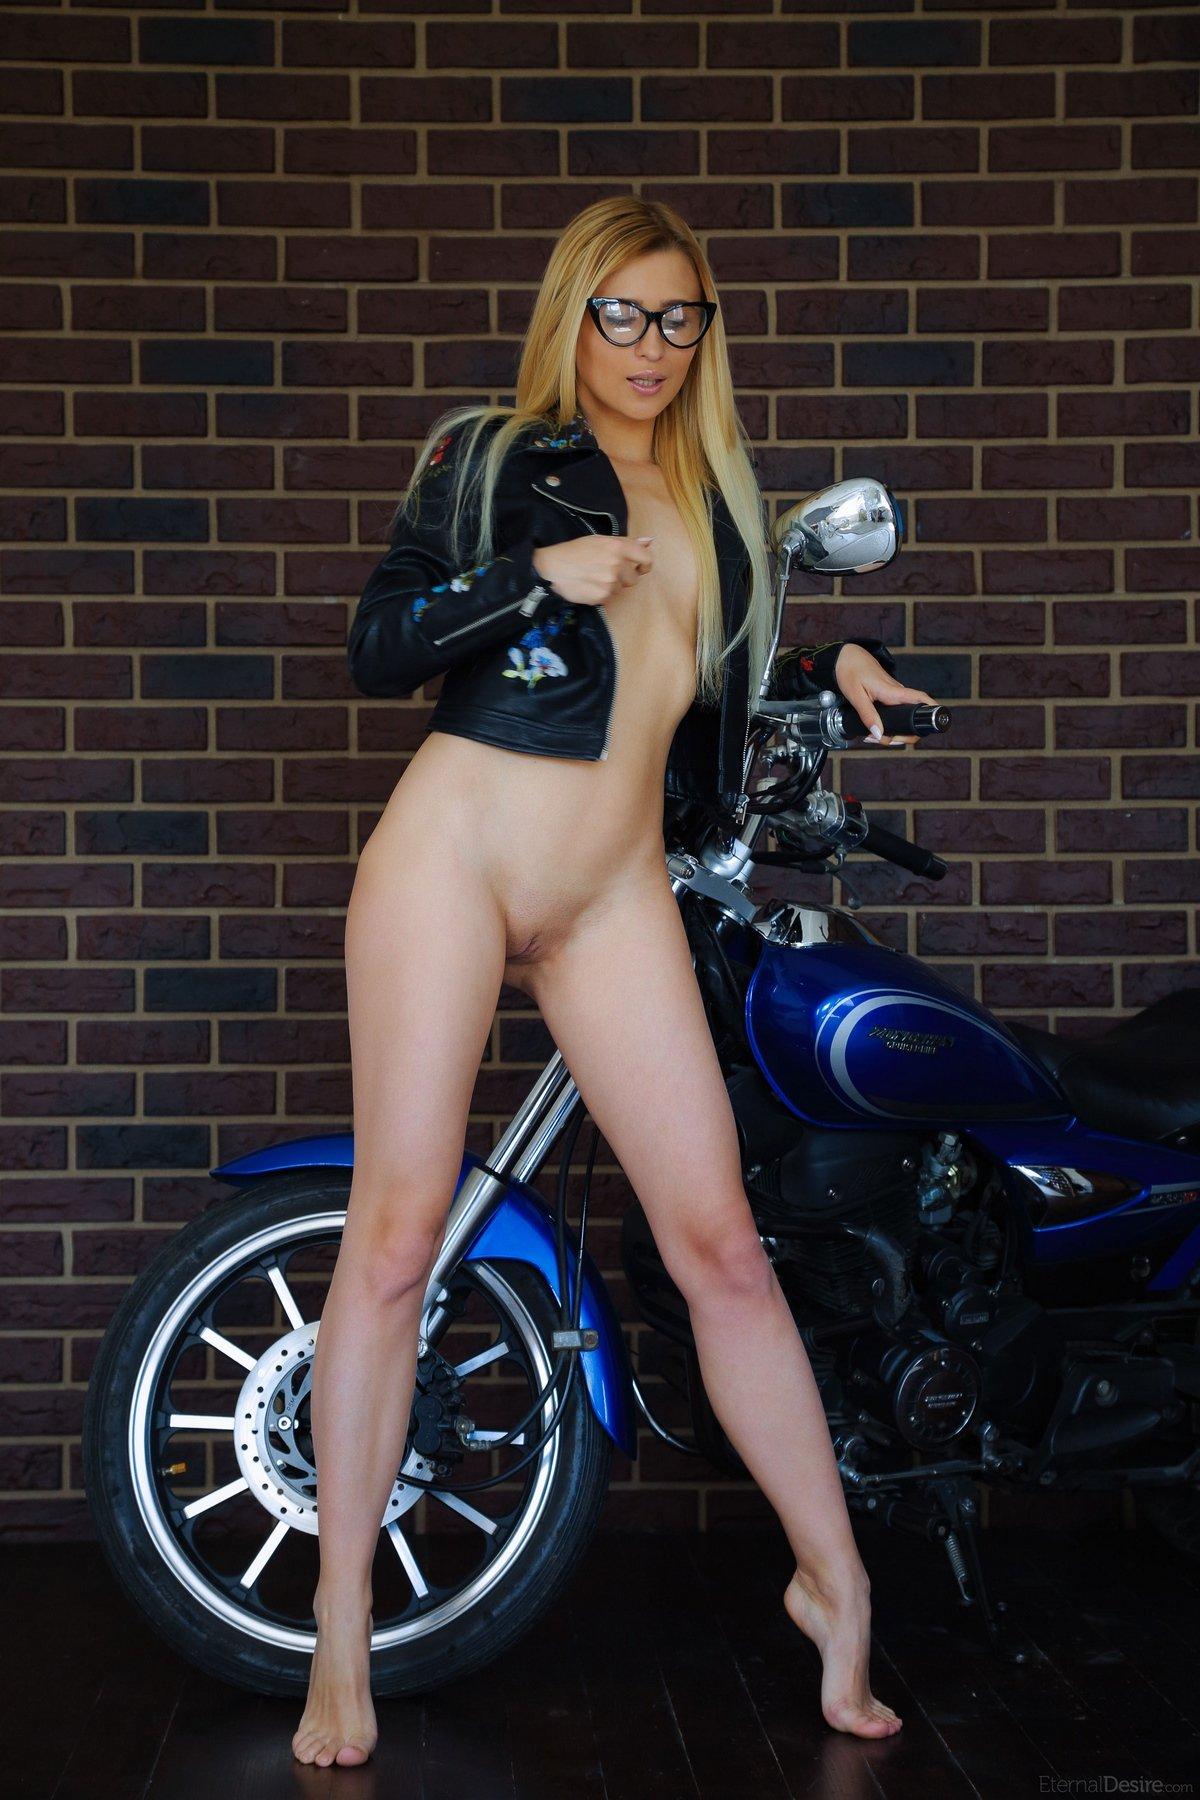 Голая блондинка в очках на мотоцикле